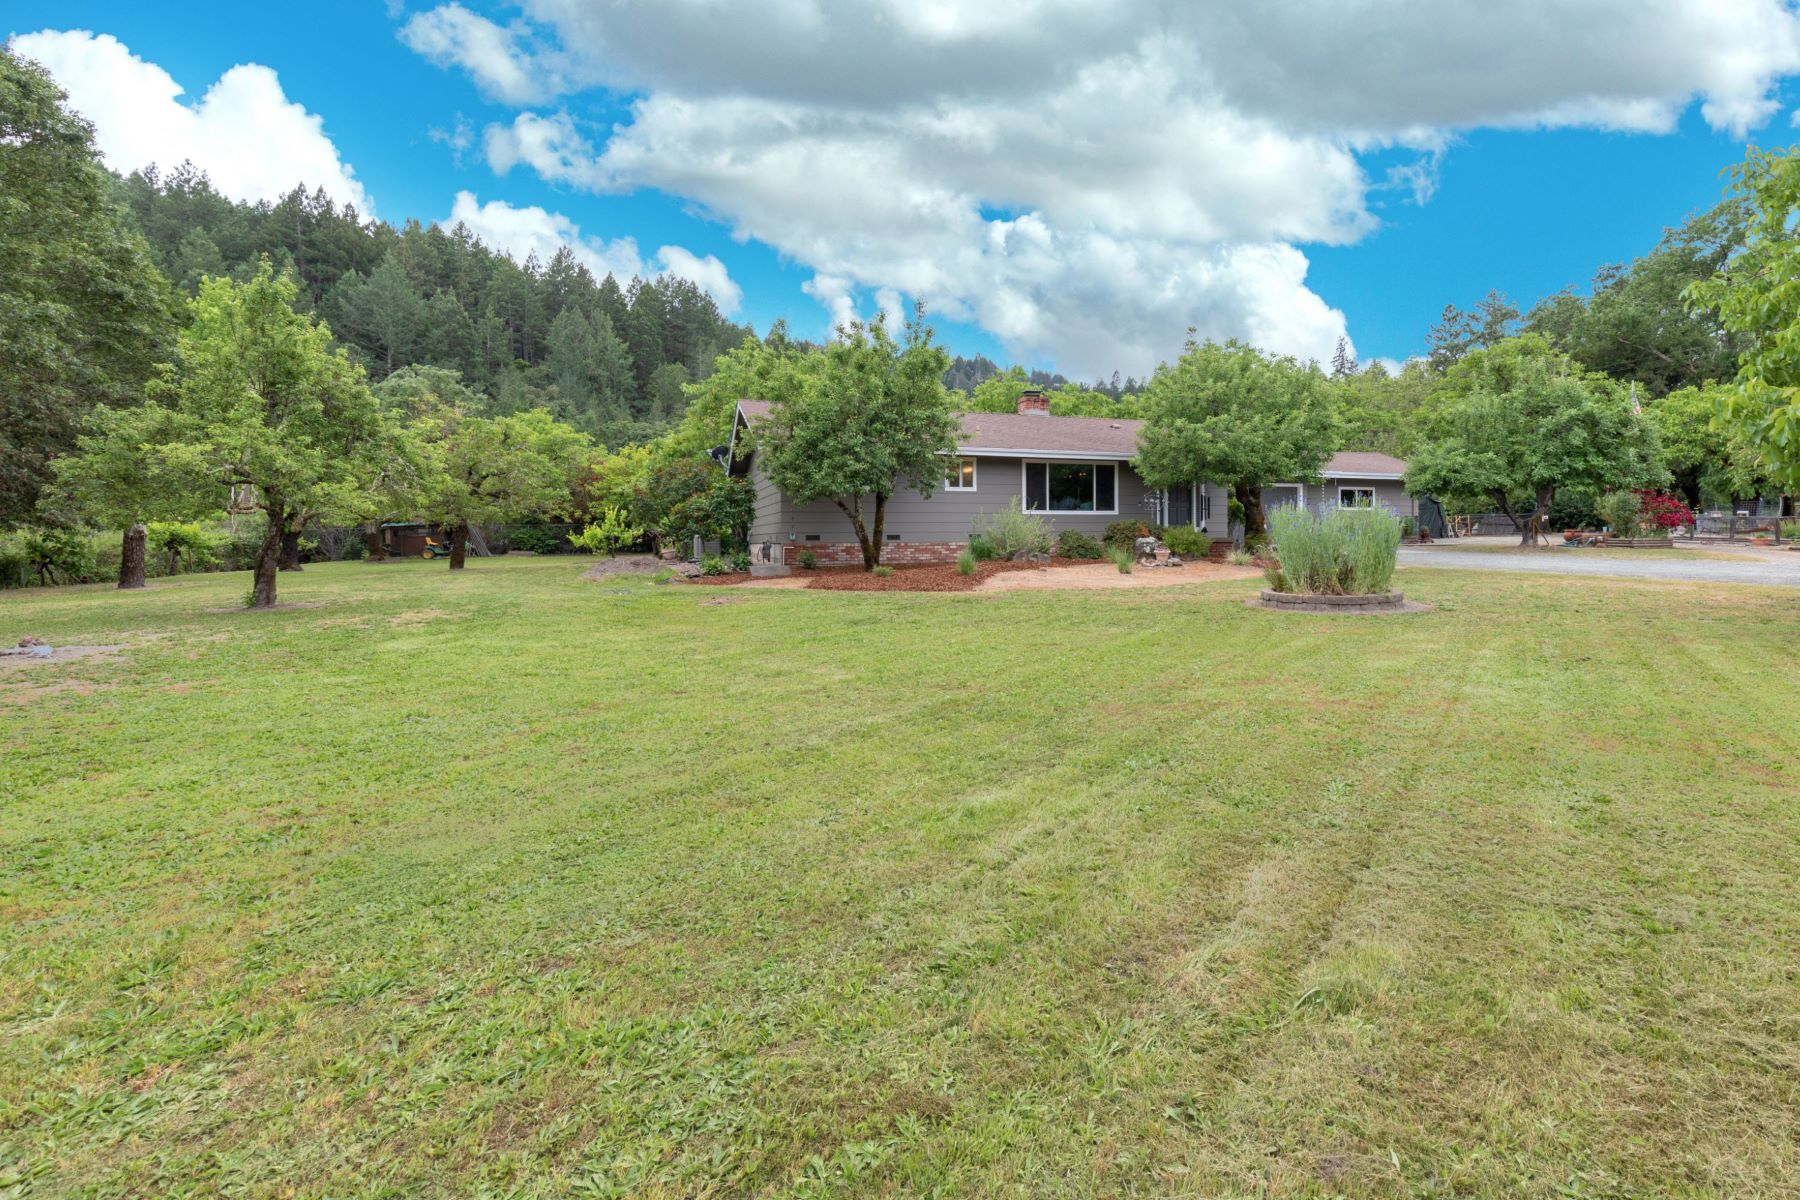 Single Family Homes for Sale at Calistoga Farmhouse on 1 Level Acre 4395 Scott Way Calistoga, California 94515 United States